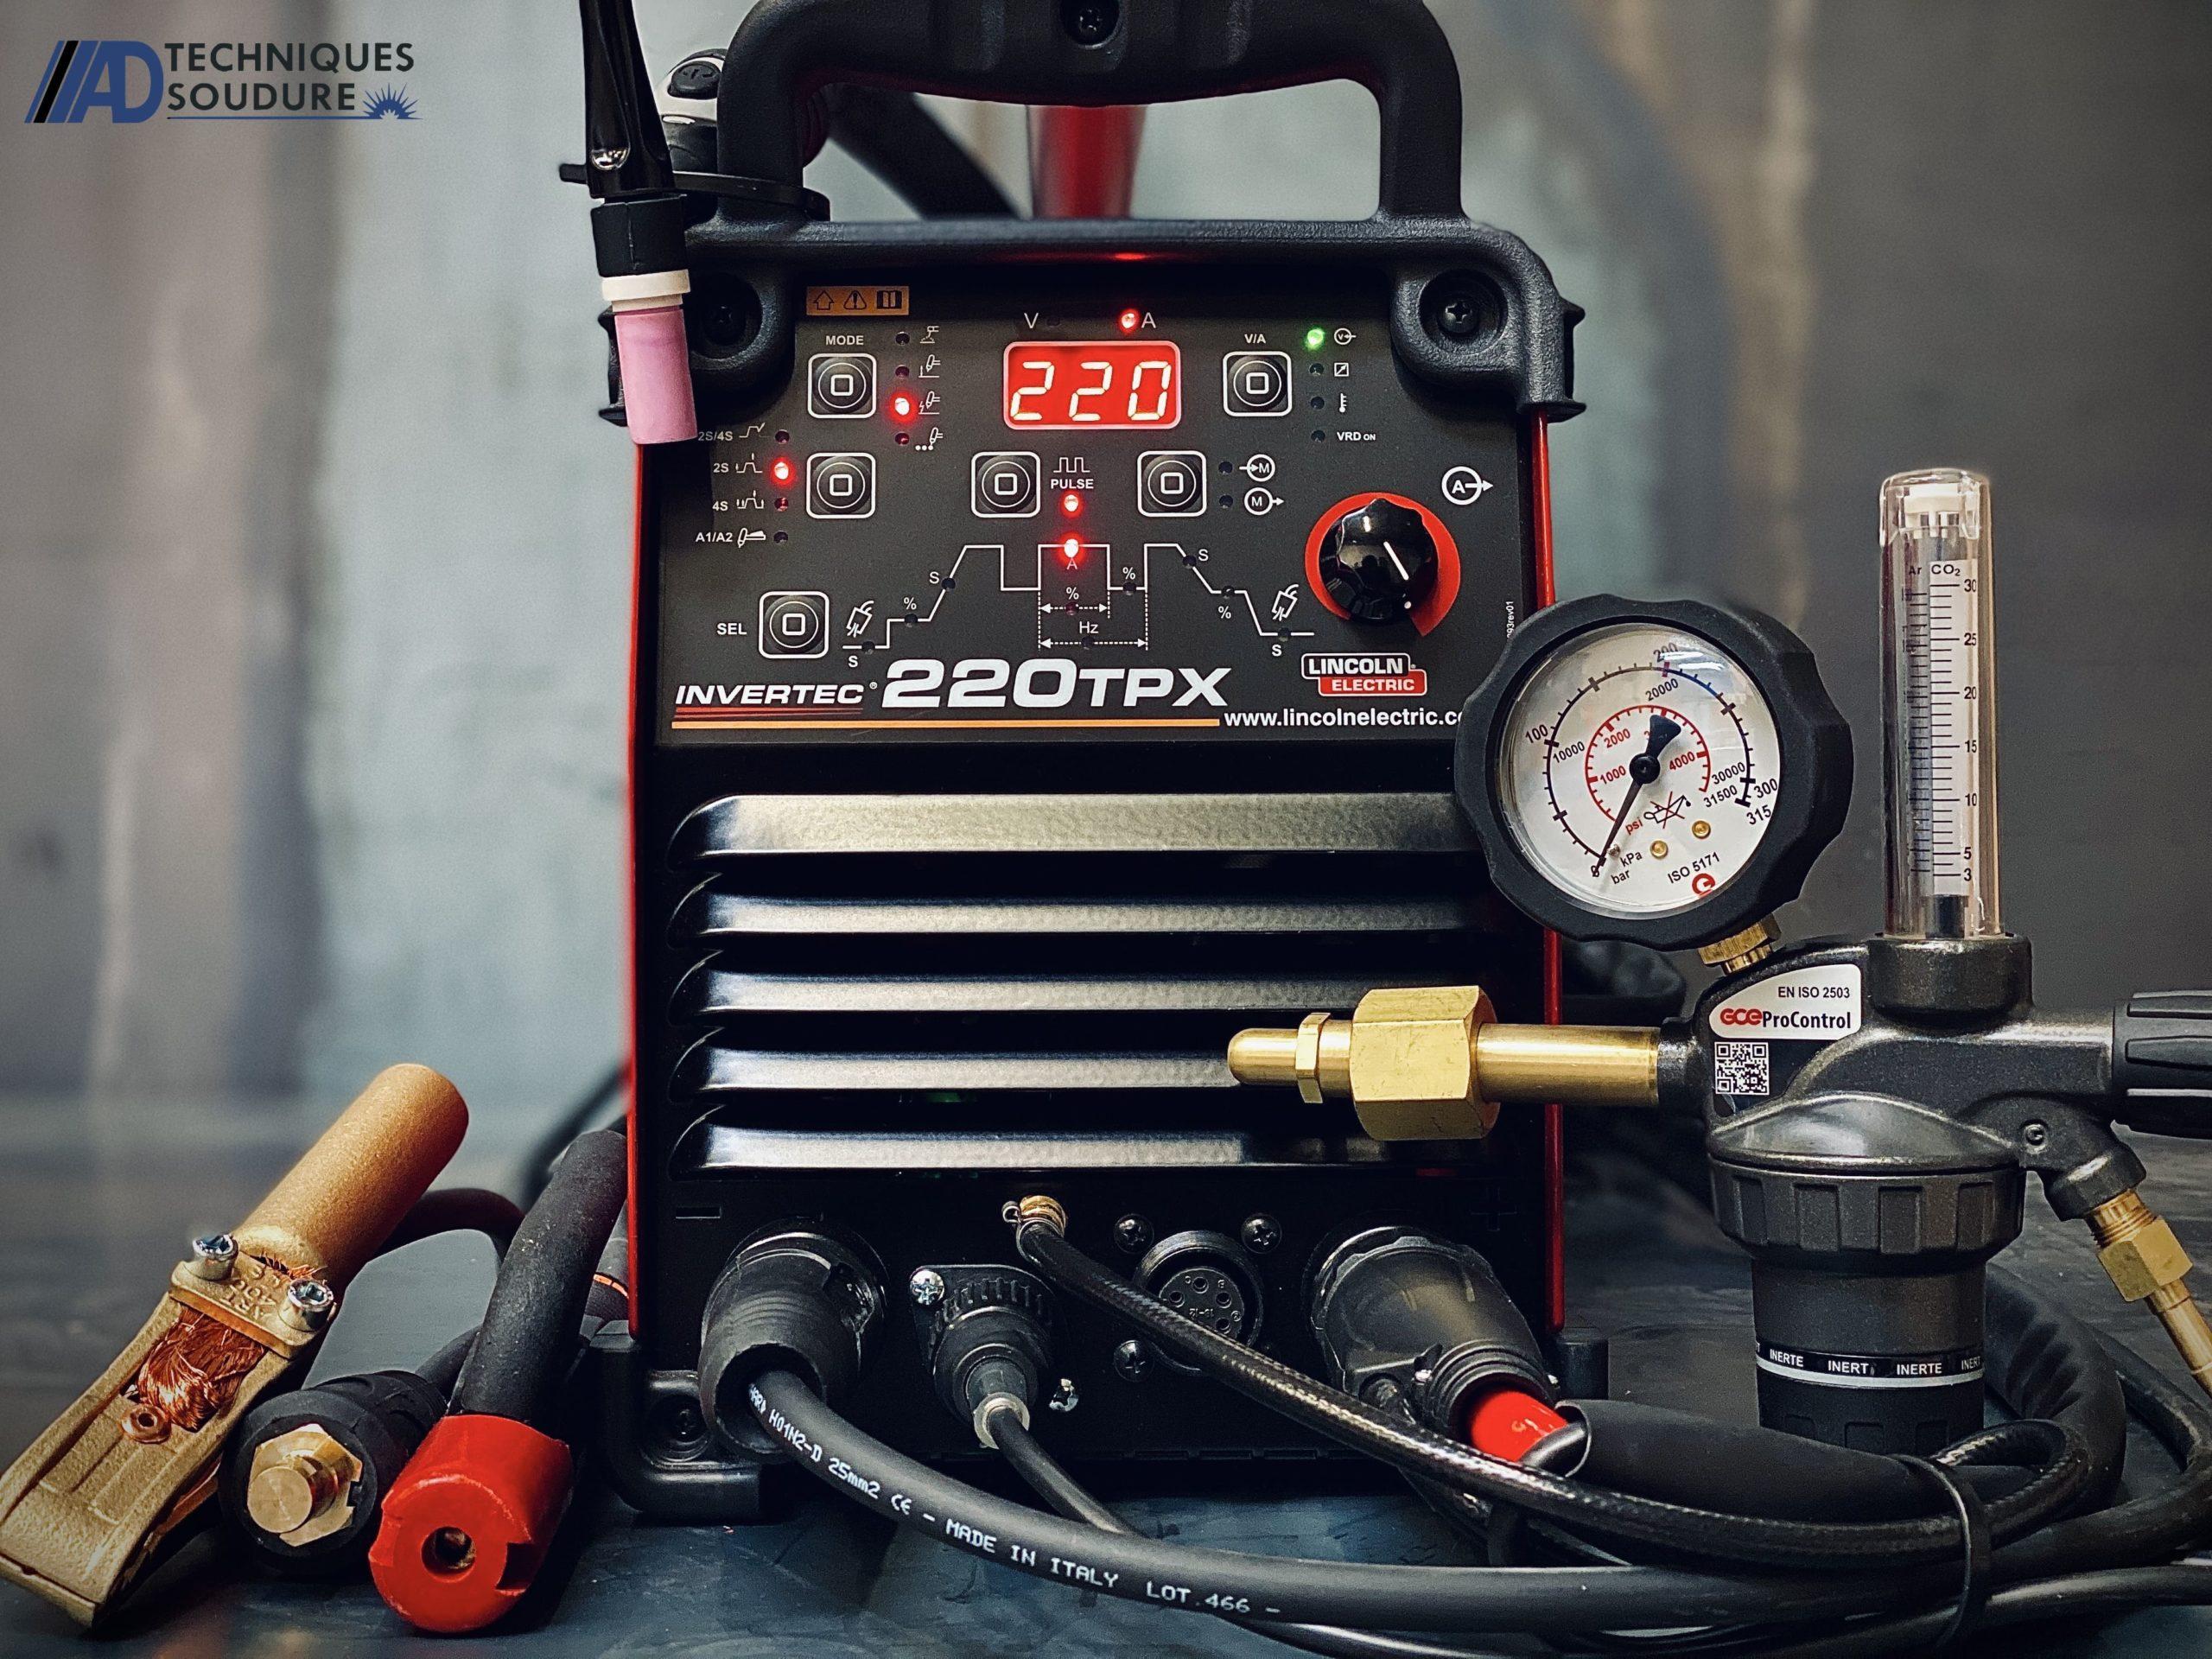 Poste à souder TIG INVERTEC 220TPX Lincoln Electric monophasé